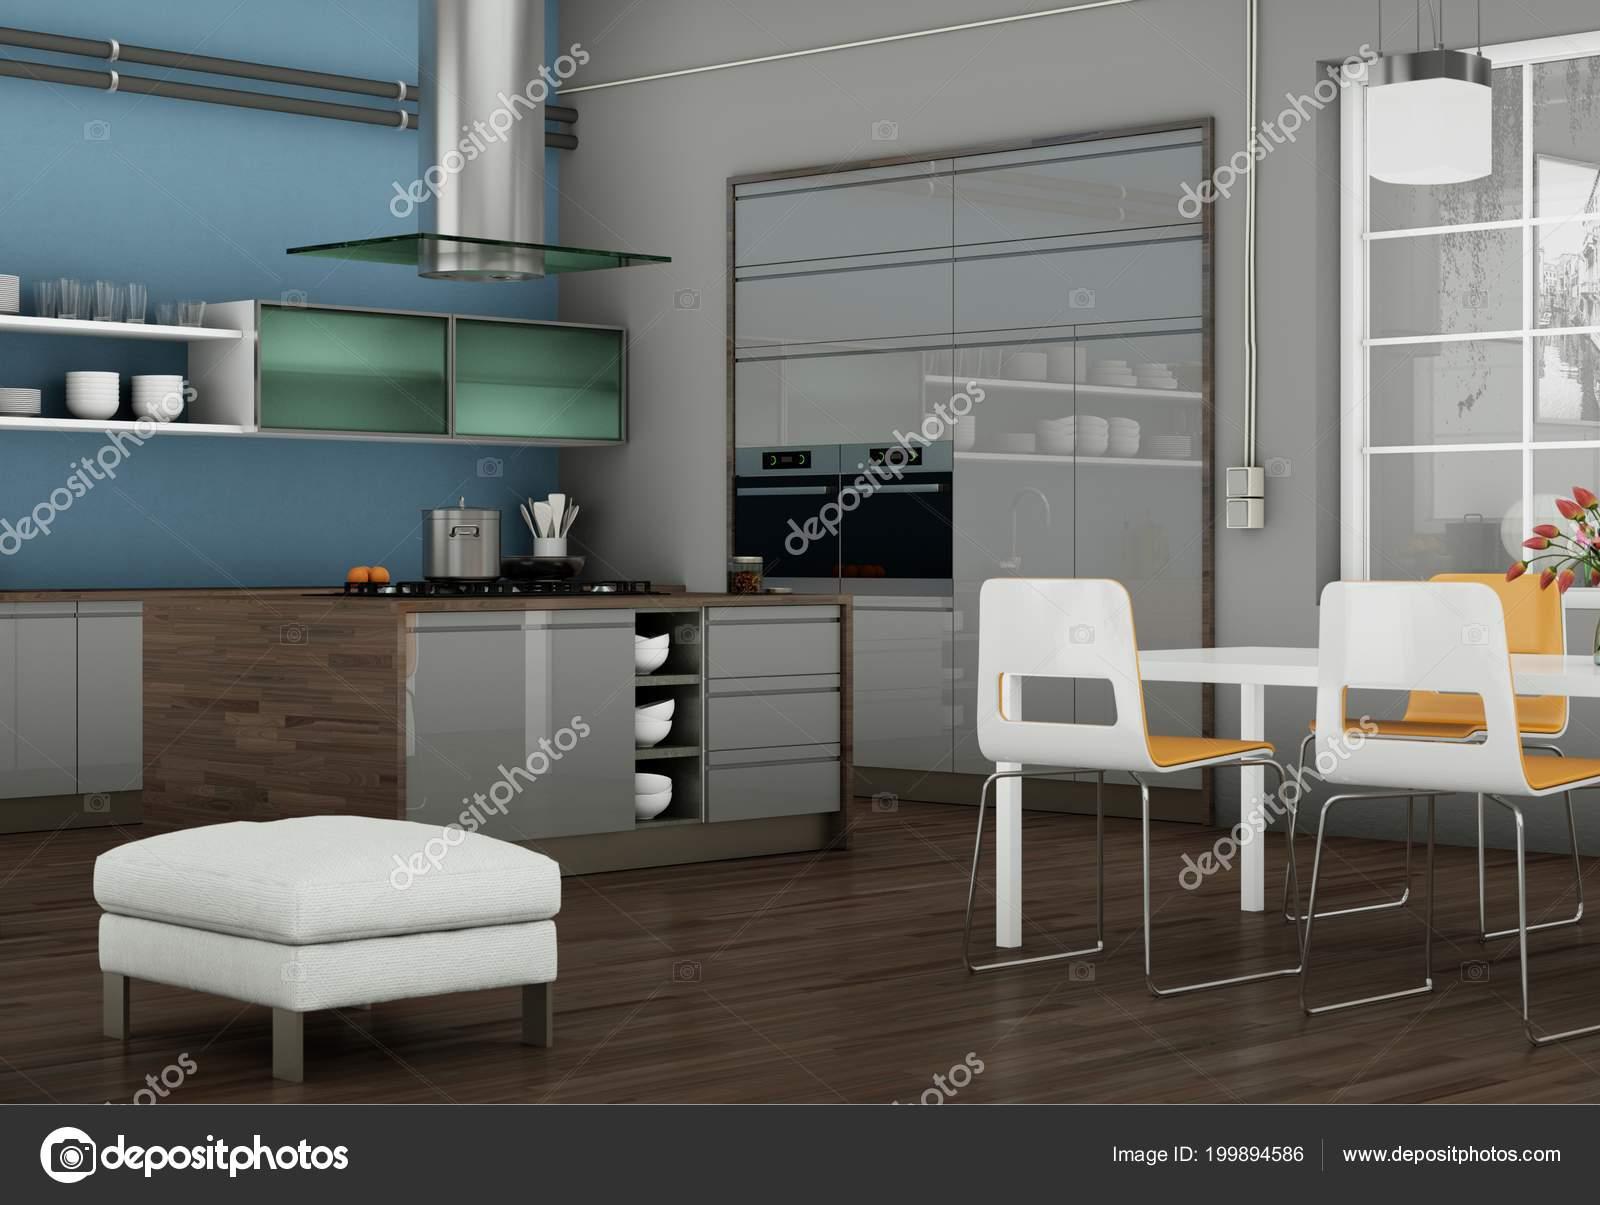 Grijze Moderne Keuken : Illustratie van grijze moderne keuken een loft met prachtig design